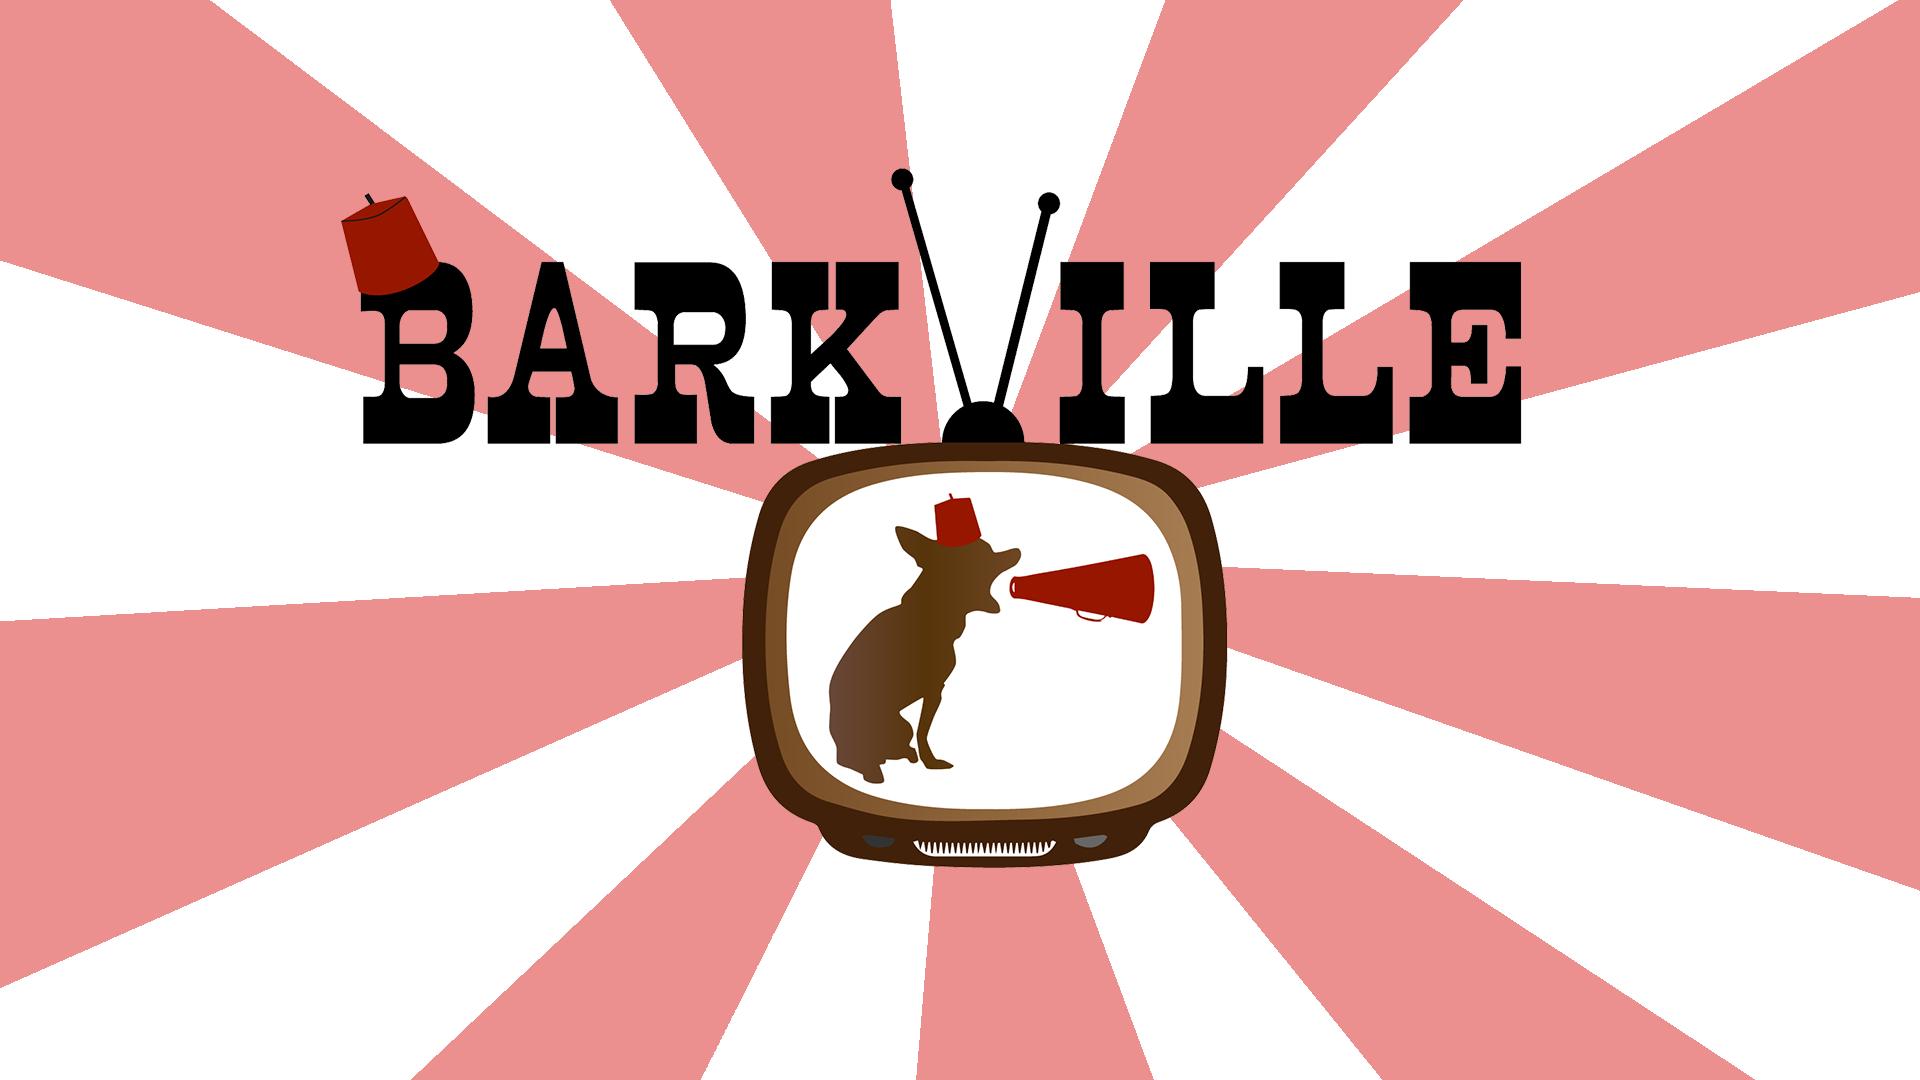 Barkville Logo Full.png